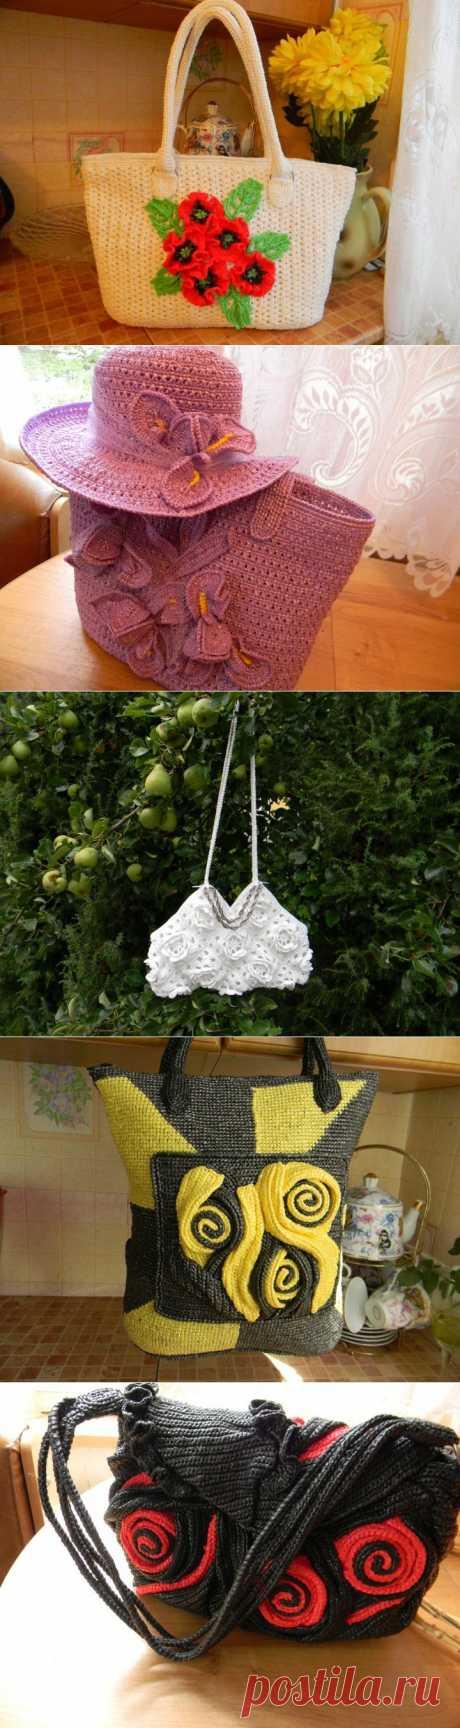 (+1) tema - Mis bolsos de los paquetes para la basura. ¡Se jacto!!!! | la COSTURA